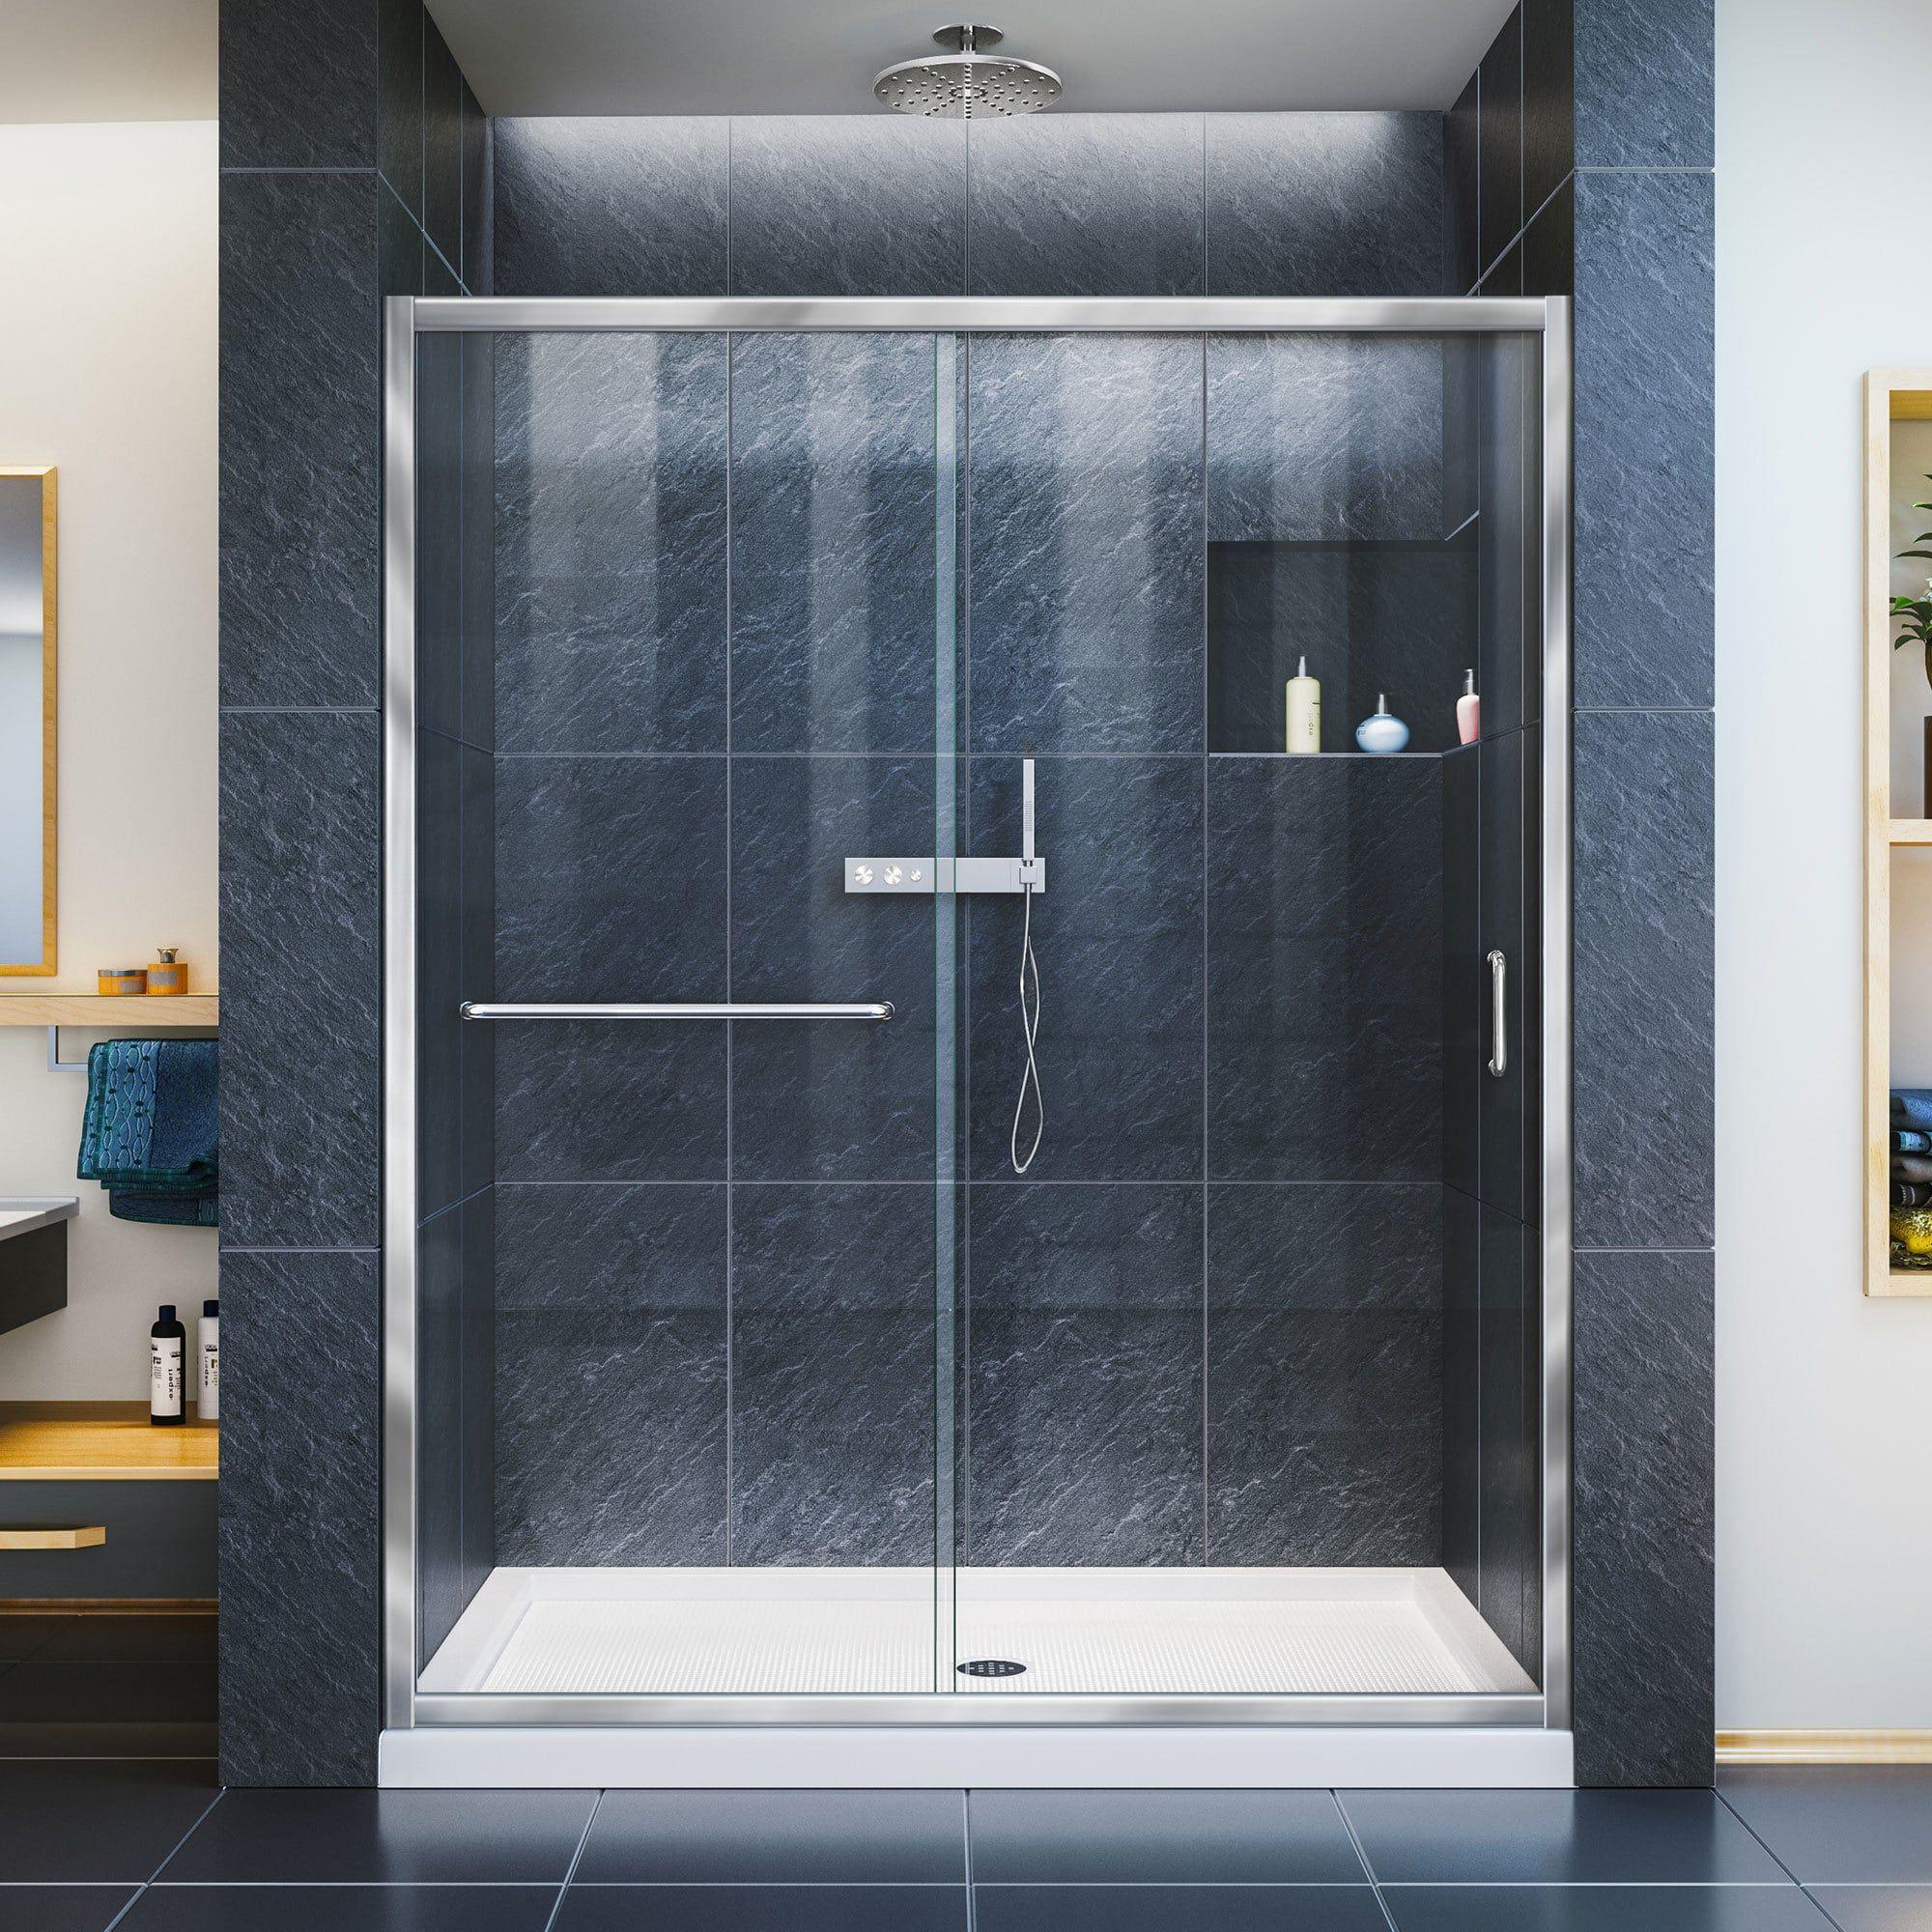 Dreamline infinityz frameless sliding shower door and slimline